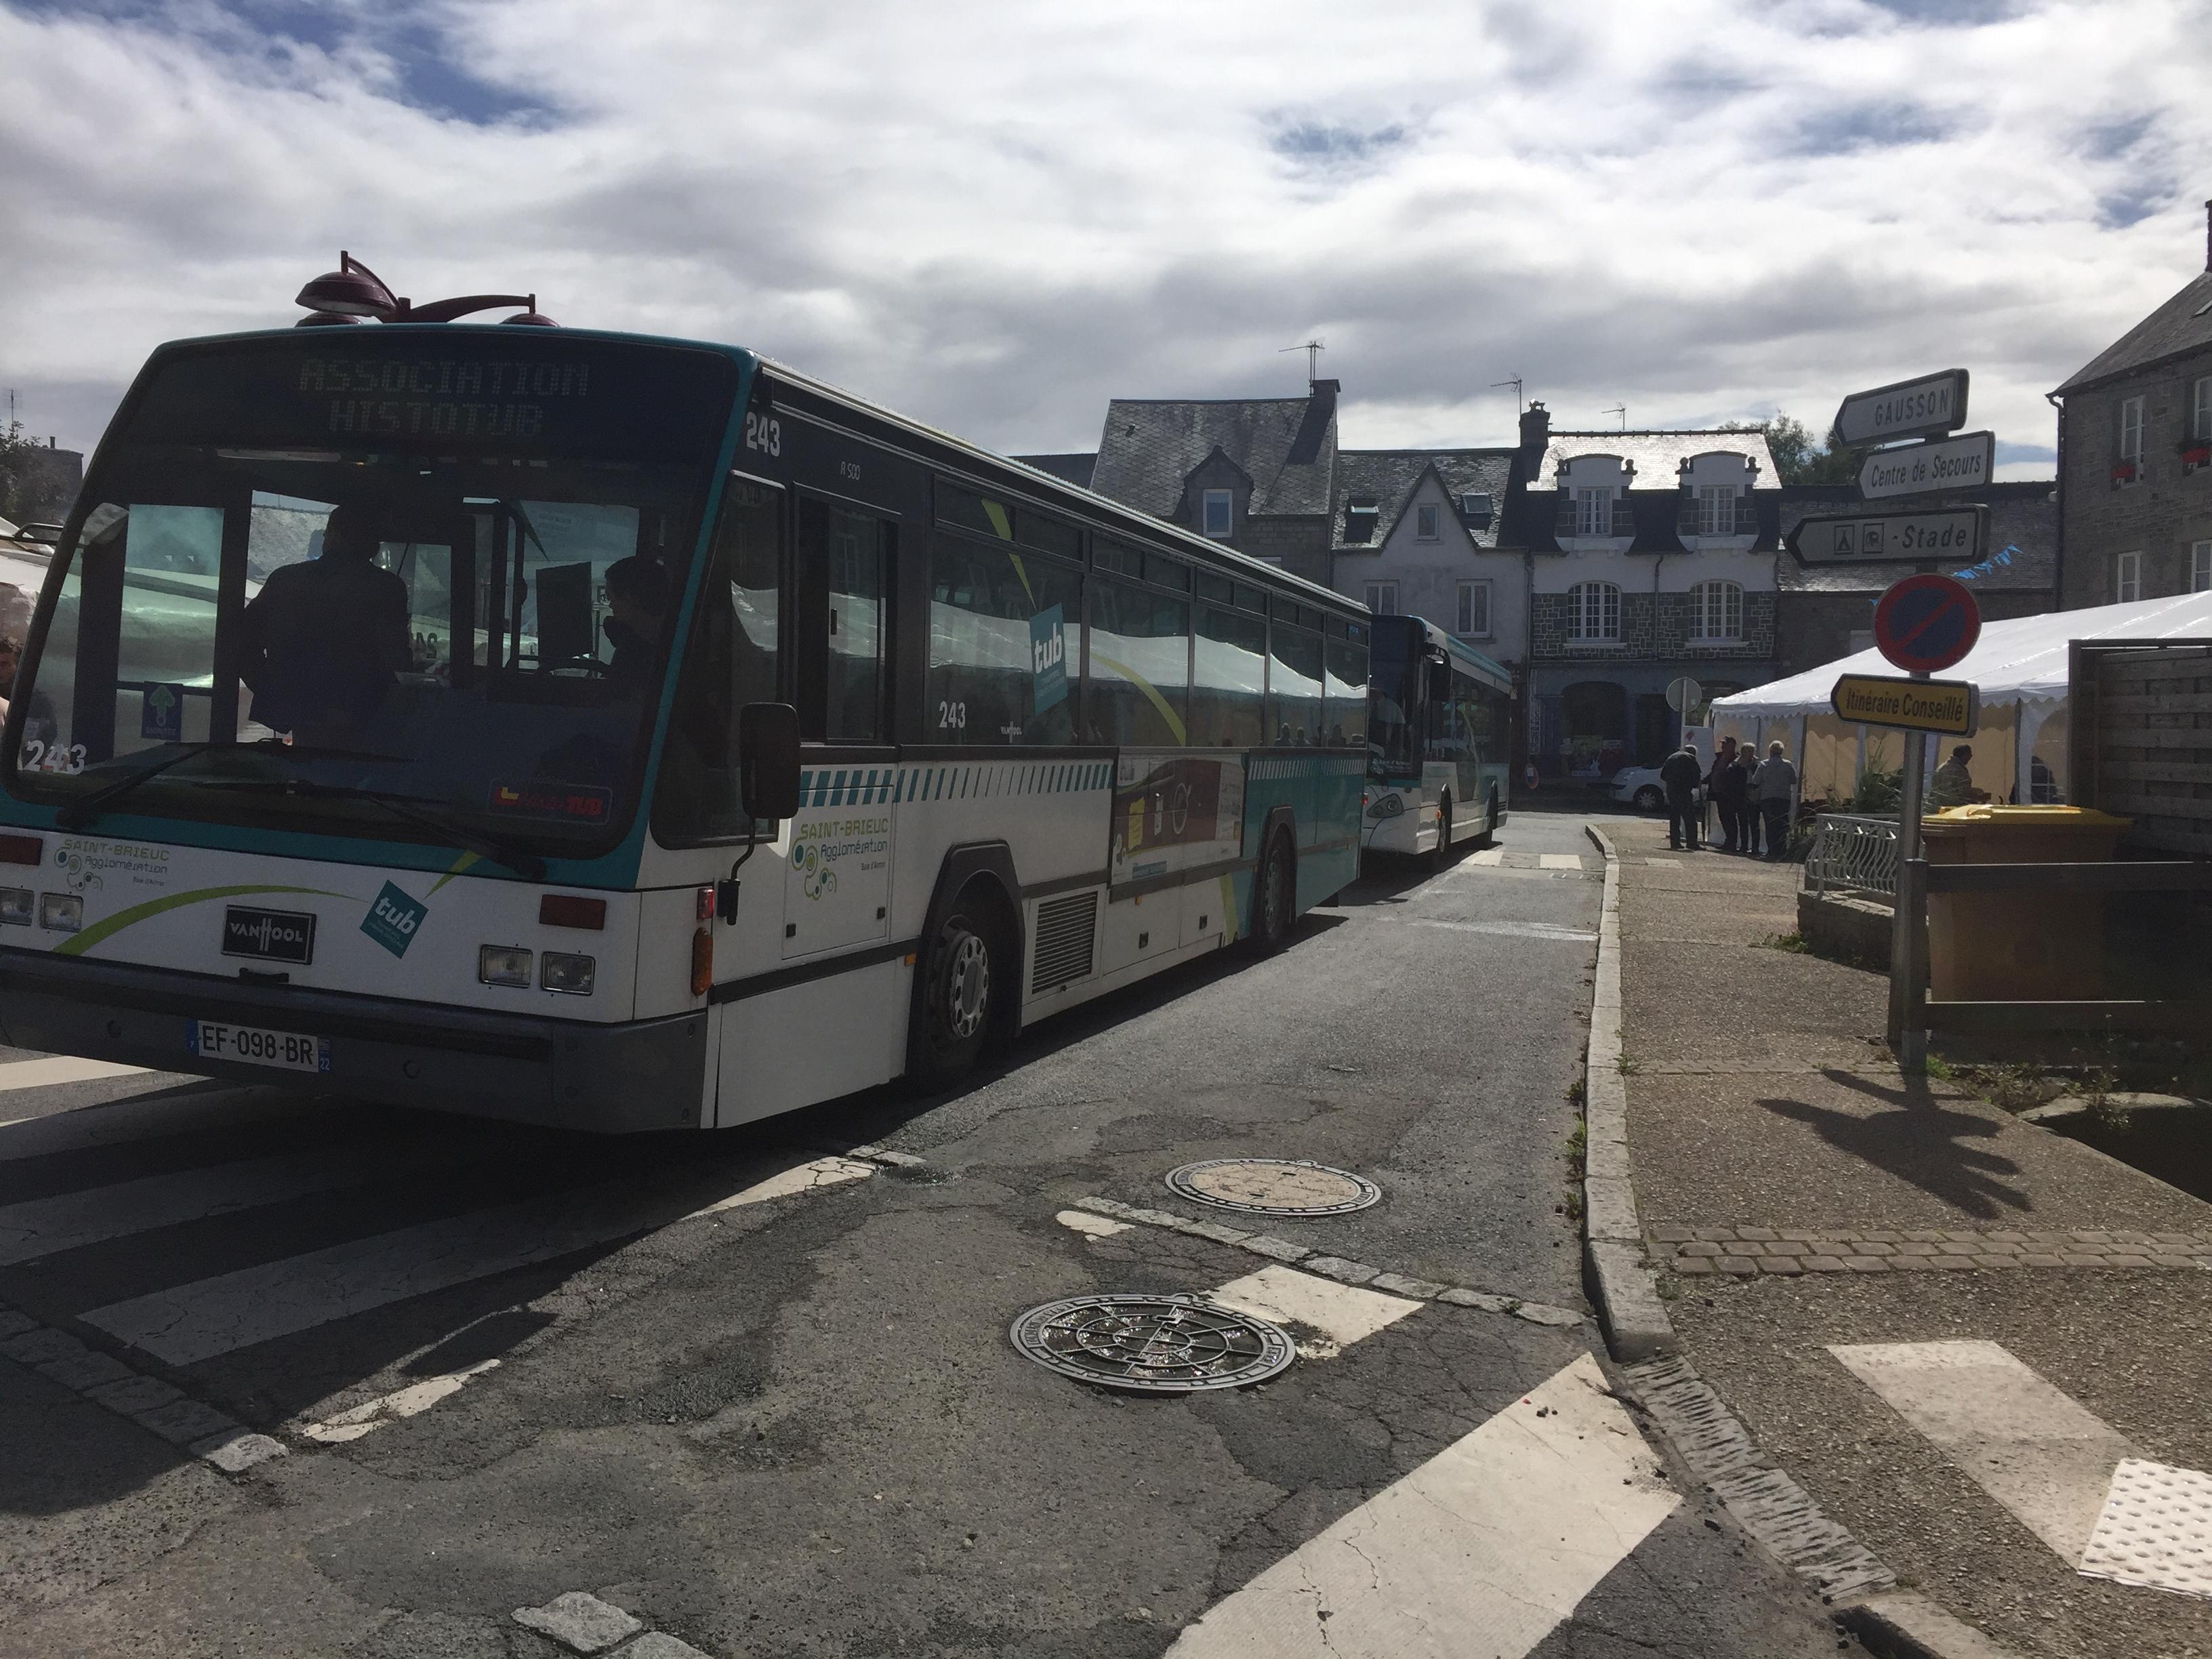 Autobus en attente